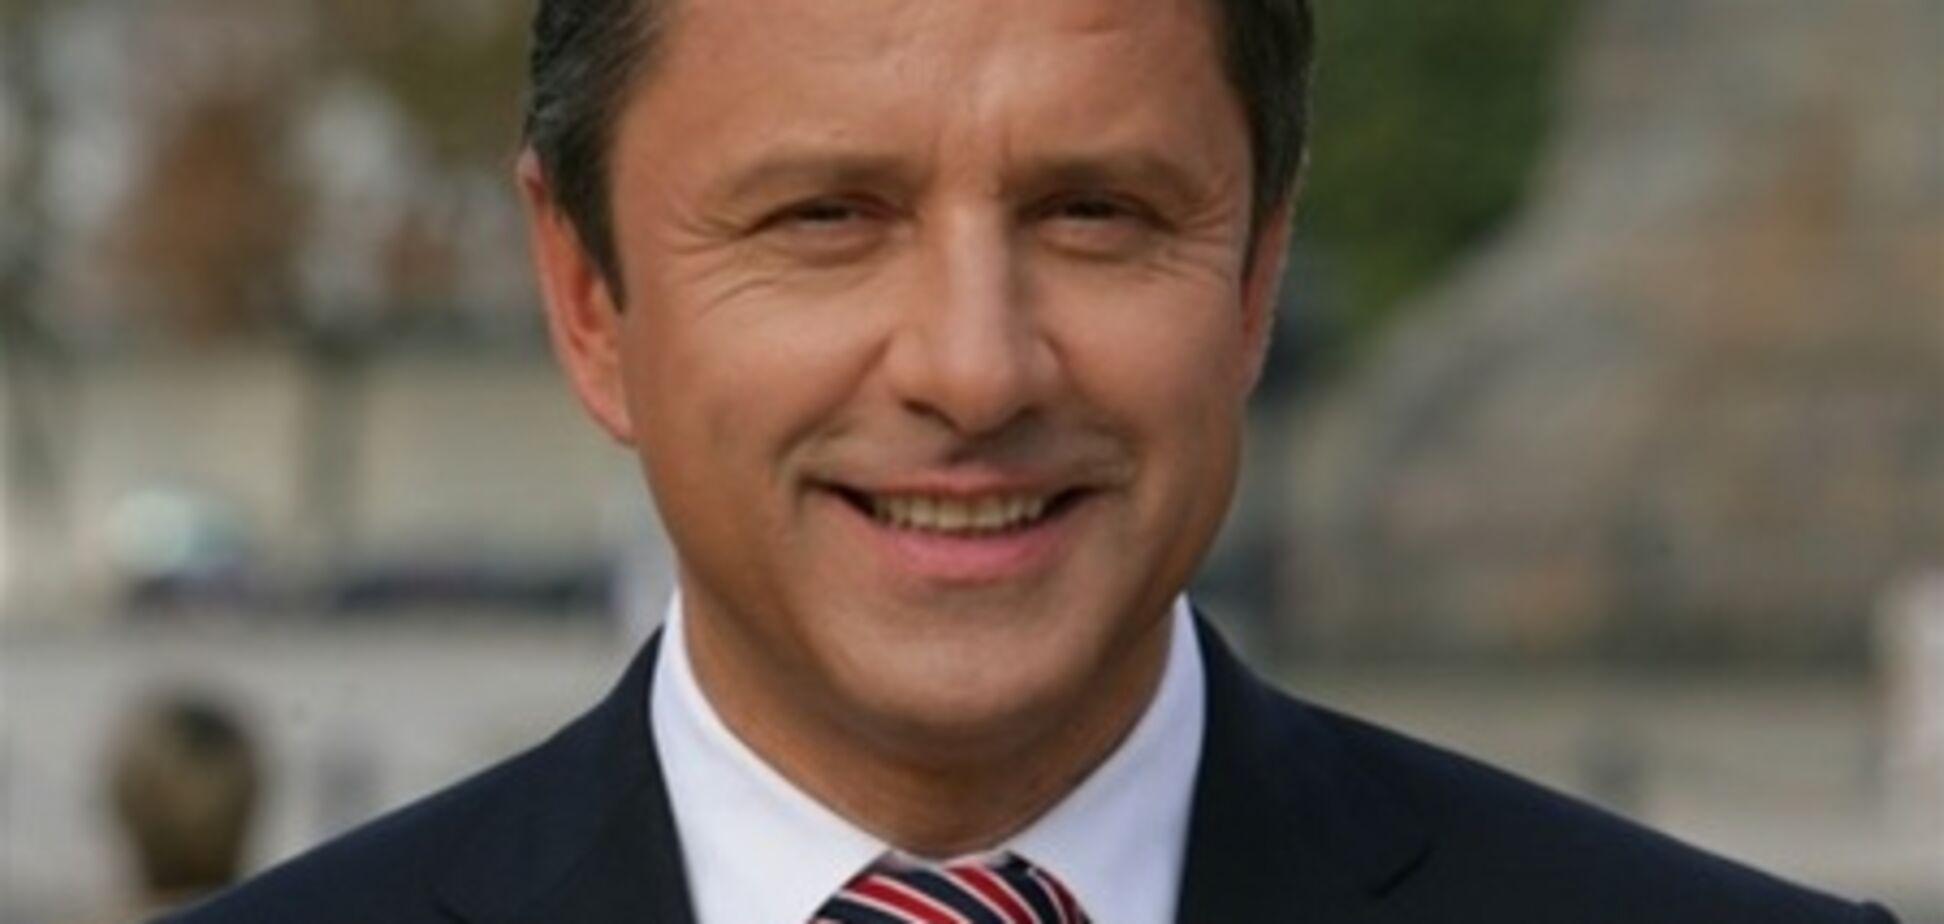 Пилипишин запропонував своє вирішення, як вийти з кризи на 223-му окрузі